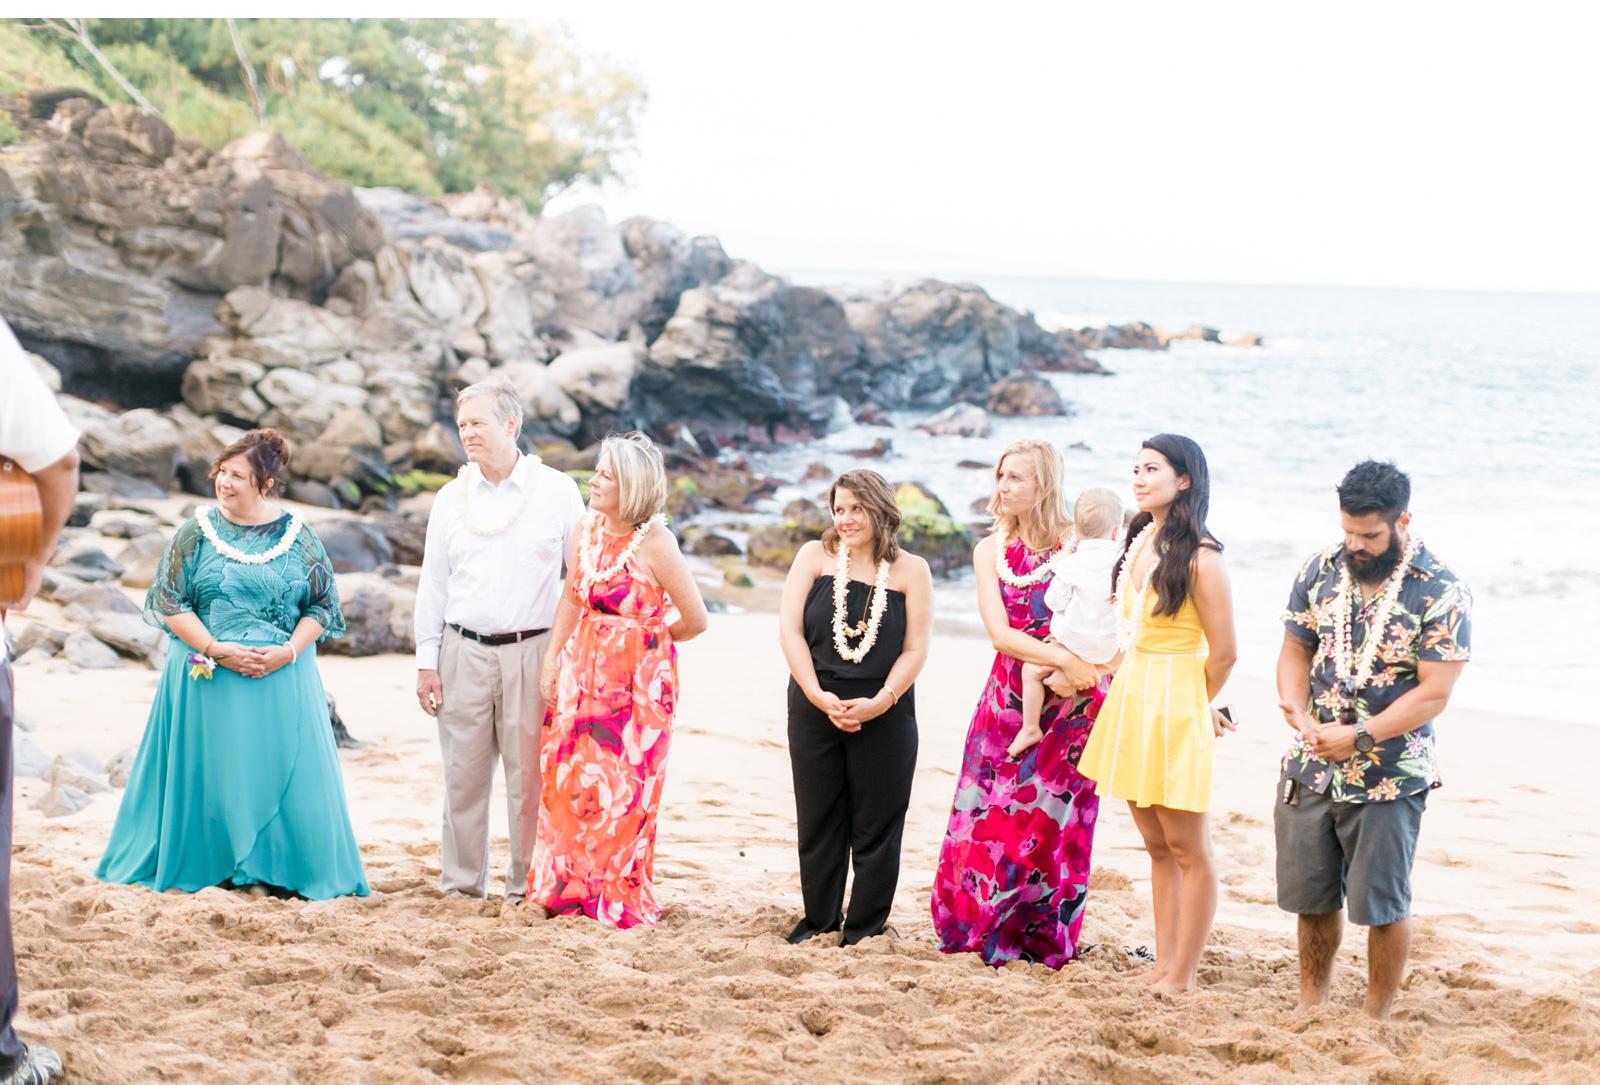 Natalie-Schutt-Photography--Destination-Wedding-Photographer_01.jpg